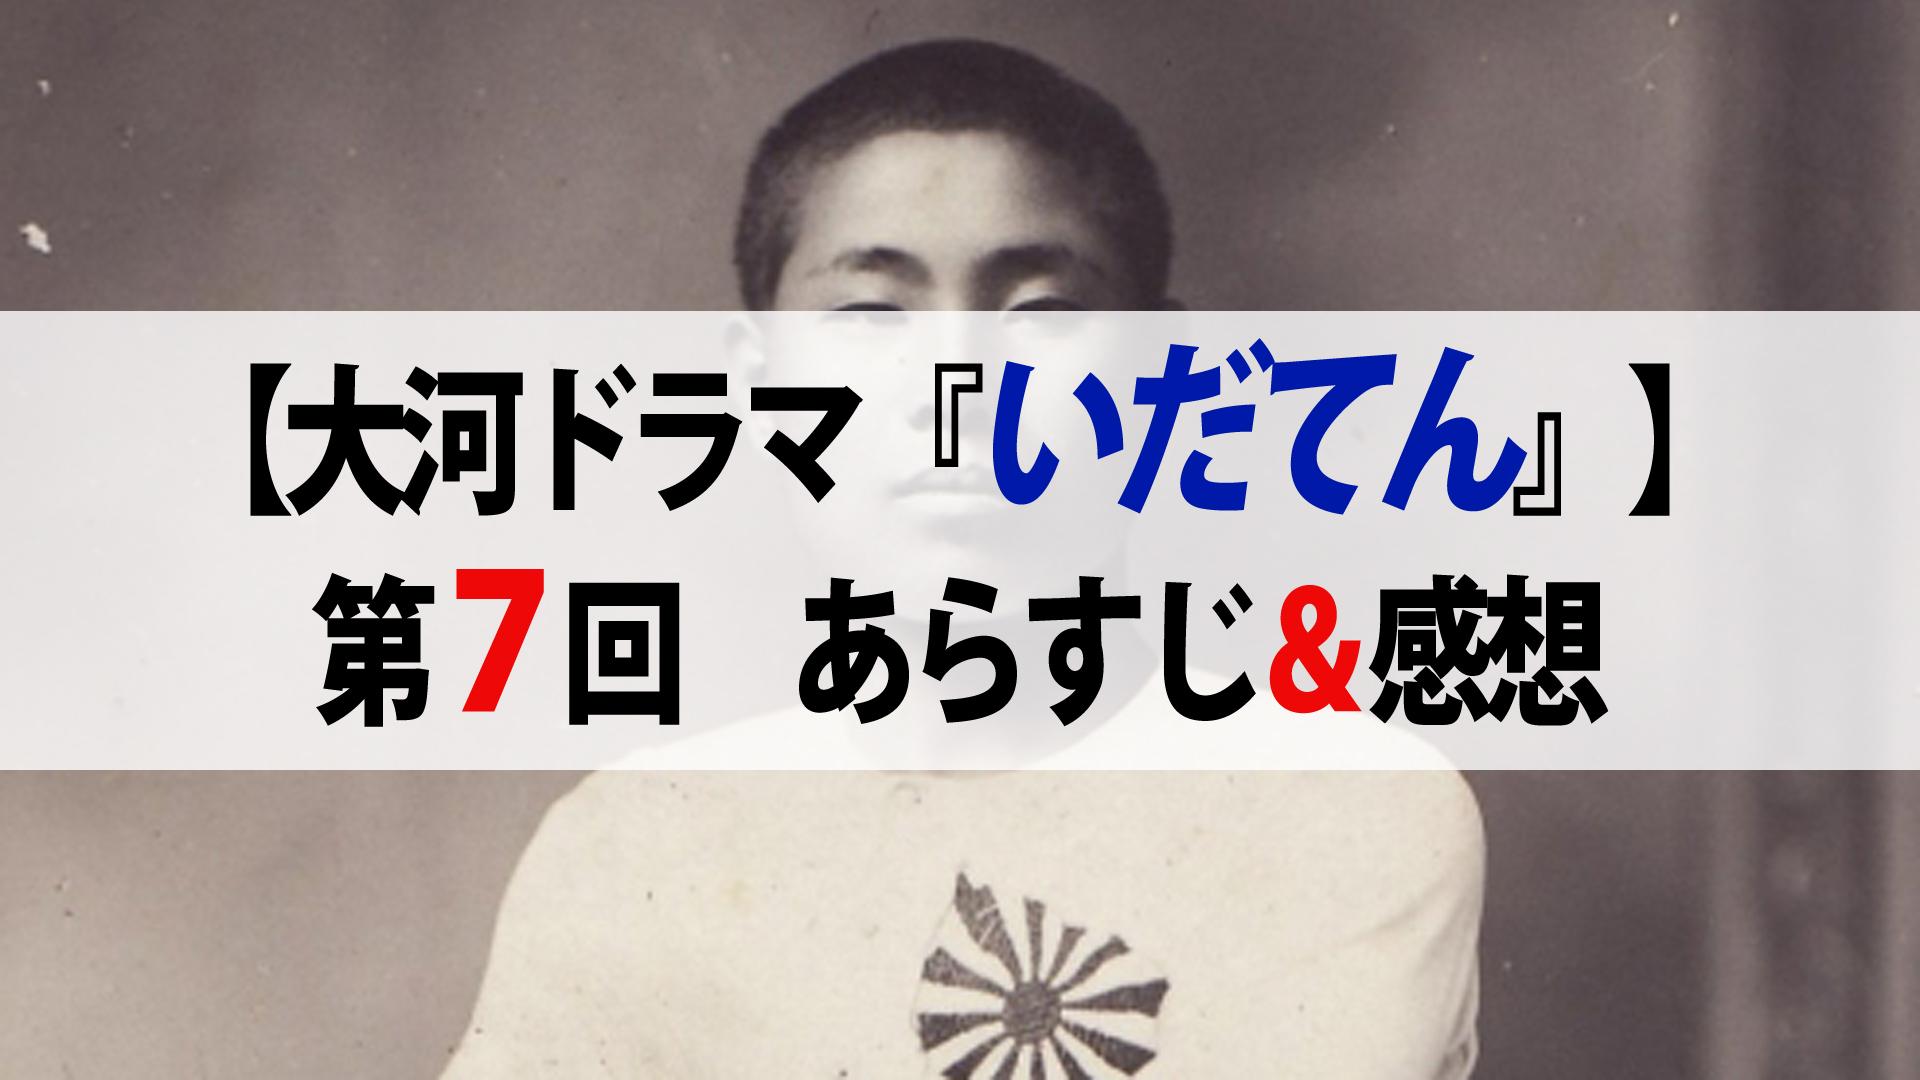 大河ドラマ『いだてん』第7回『おかしな二人』